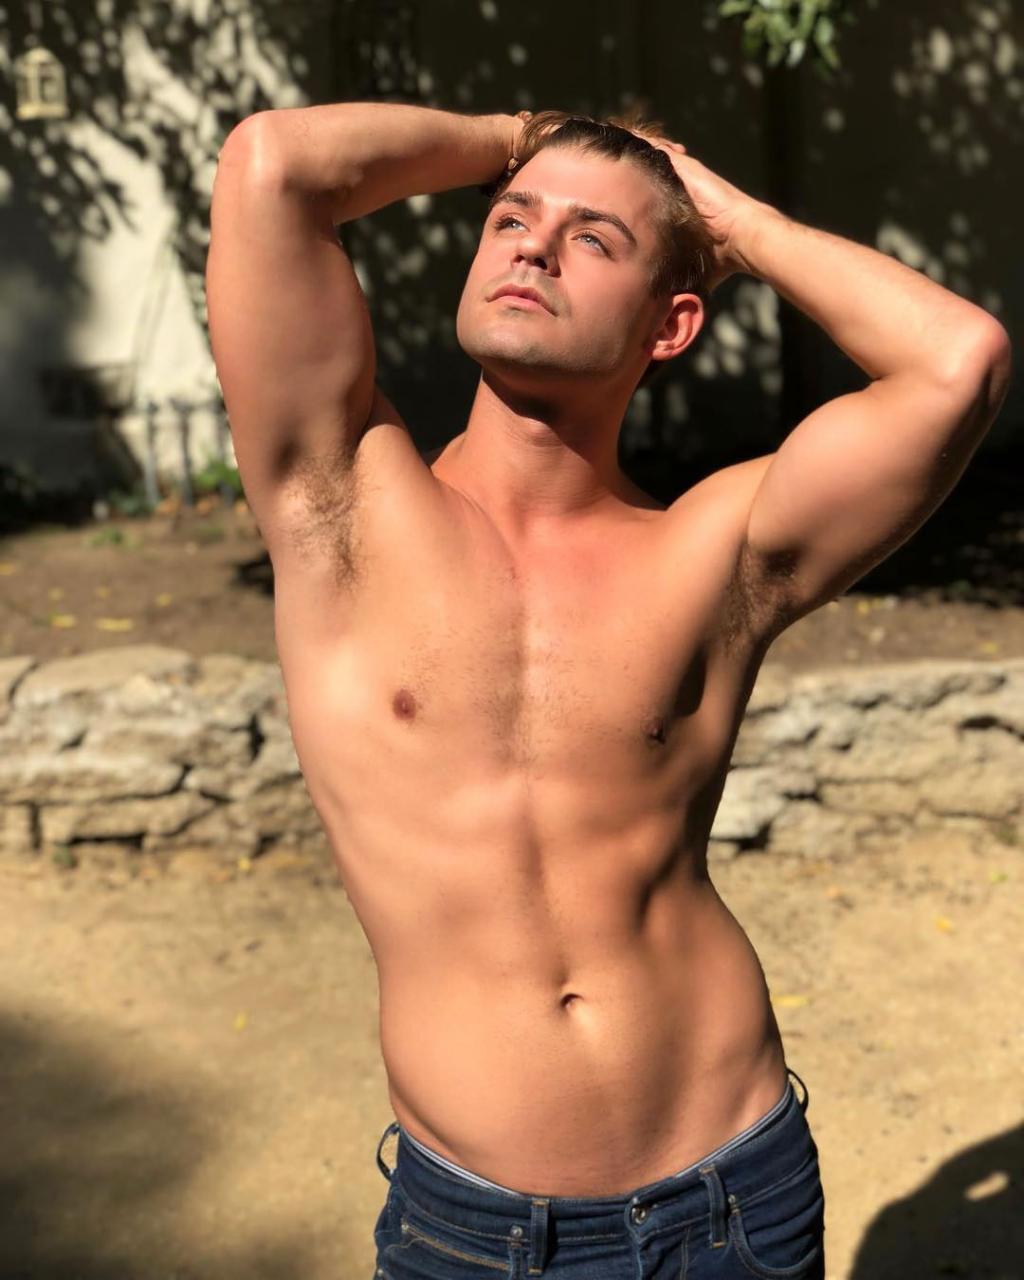 6589b70egy1fuhl1f64o9j20u011in0z - 好莱坞男演员Garrett Clayton出柜